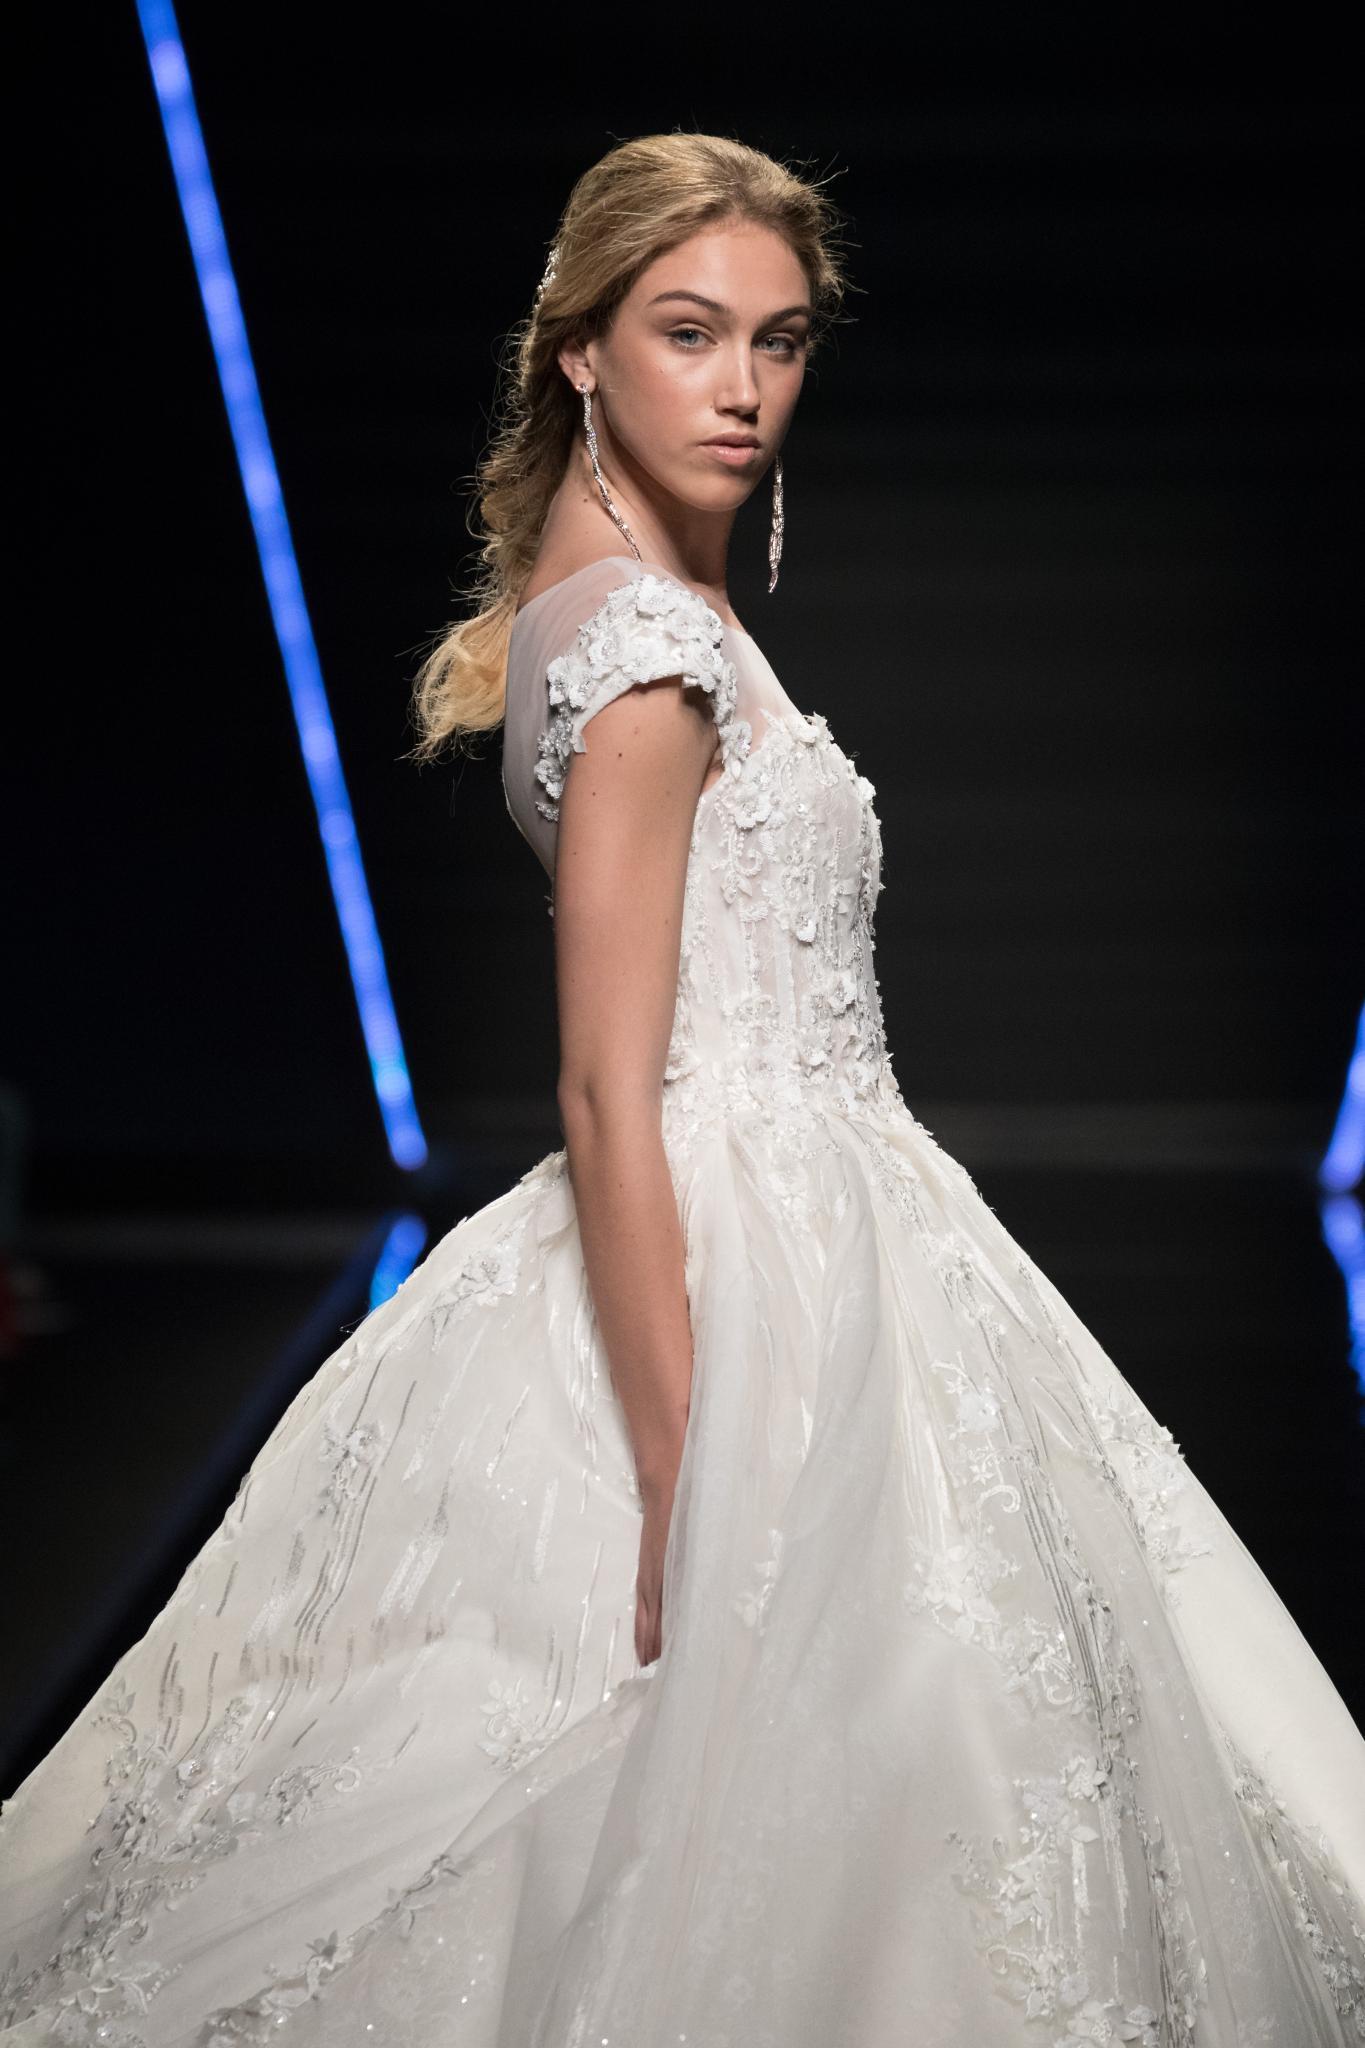 Mujer rubia con cabello semi recogido, parece peinada y vestida como novia